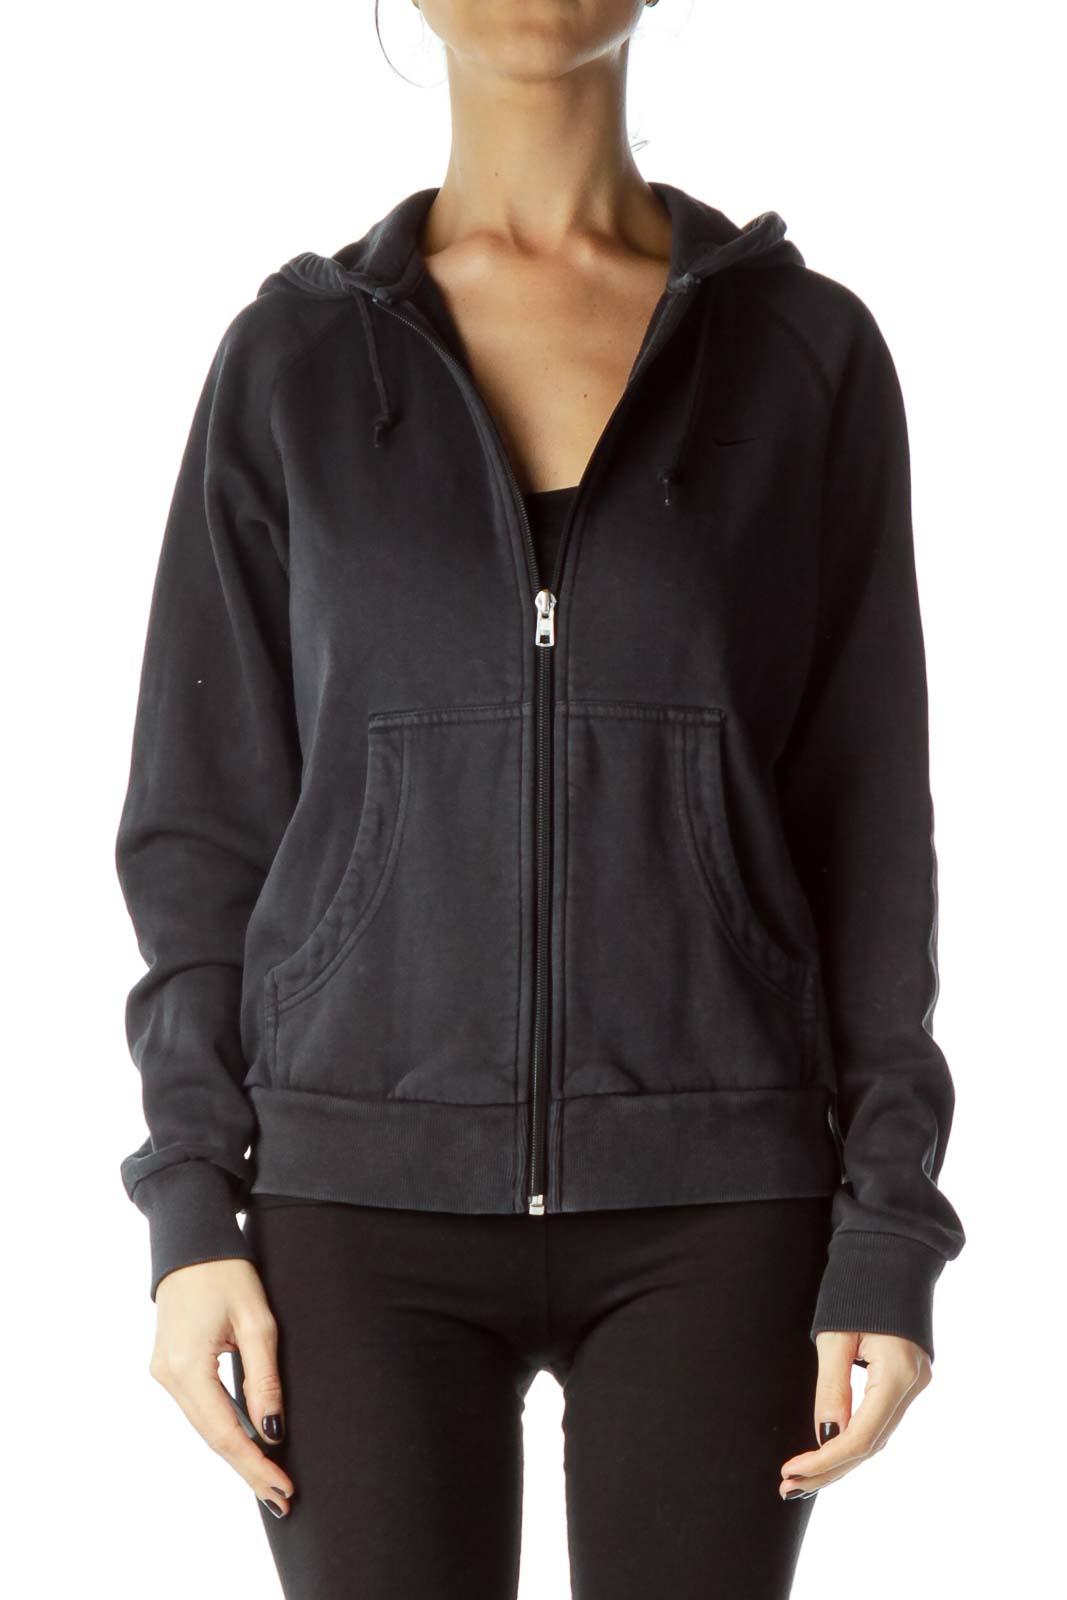 Black Zippered Hoodie